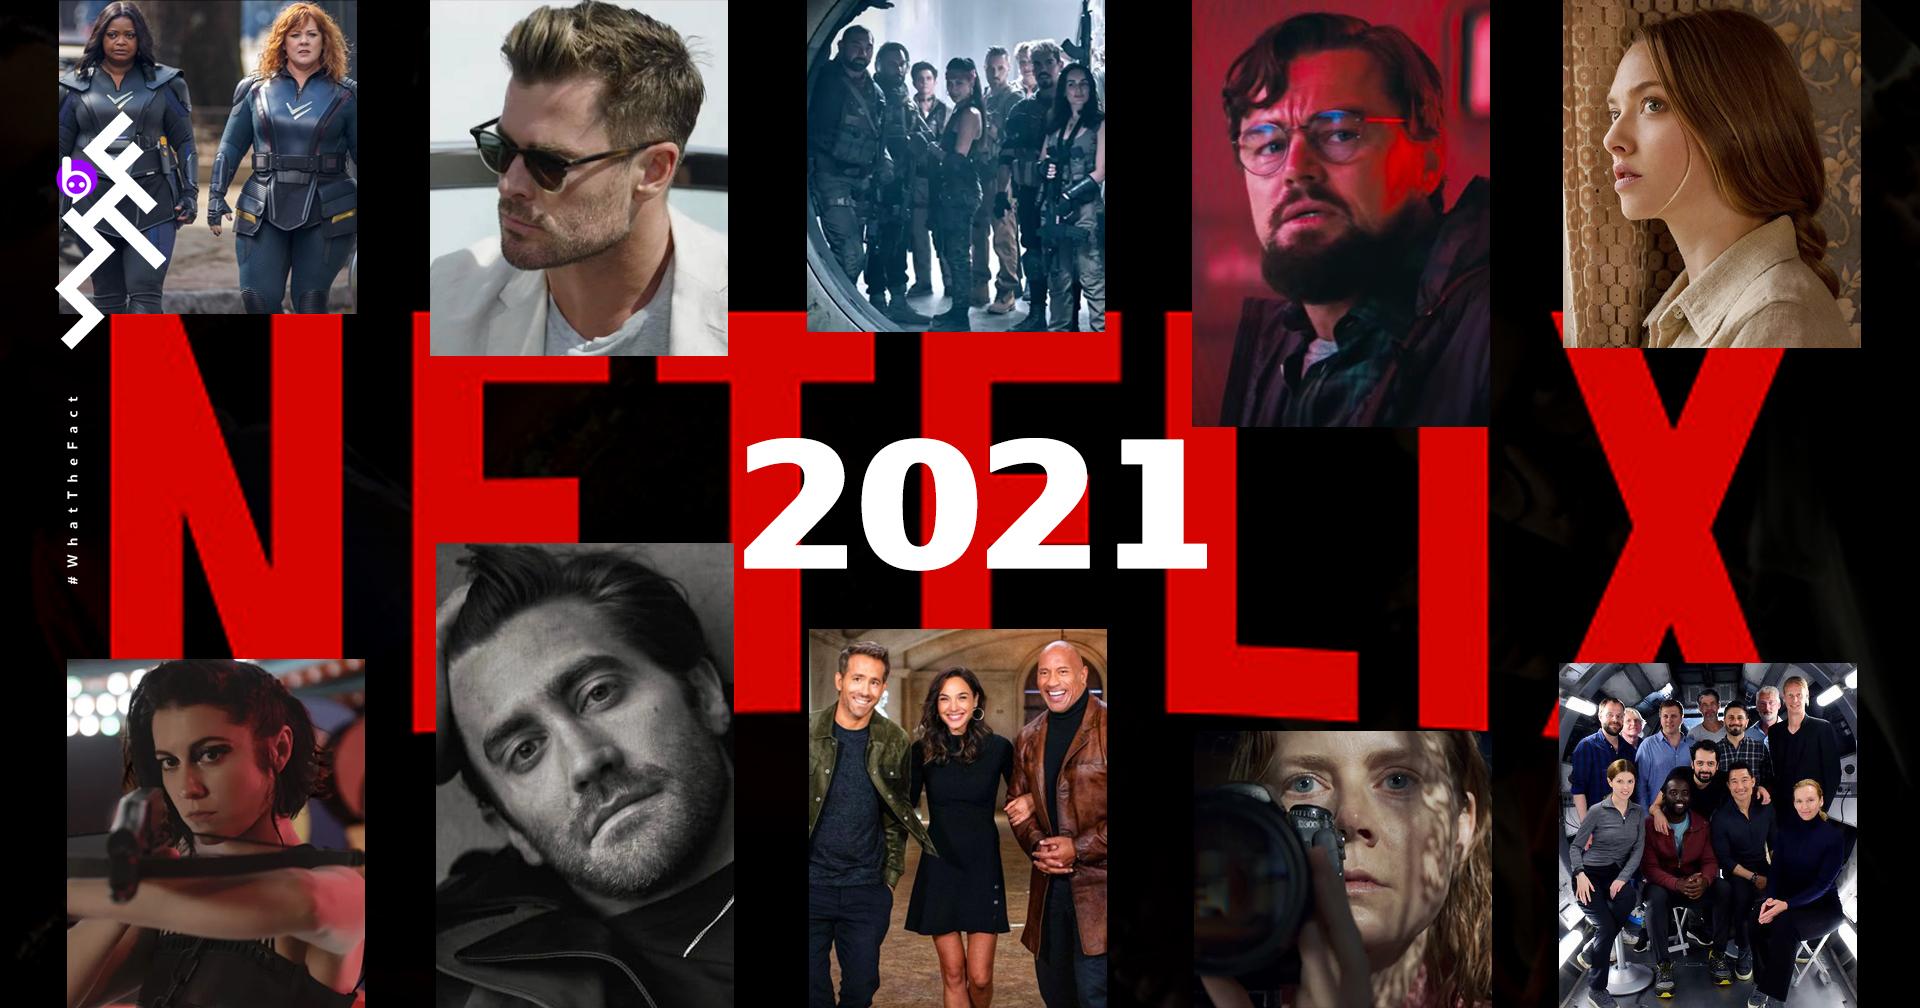 100 ภาพยนตร์ที่ดีที่สุดบน Netflix เหมาะสมแล้วตอนนี้